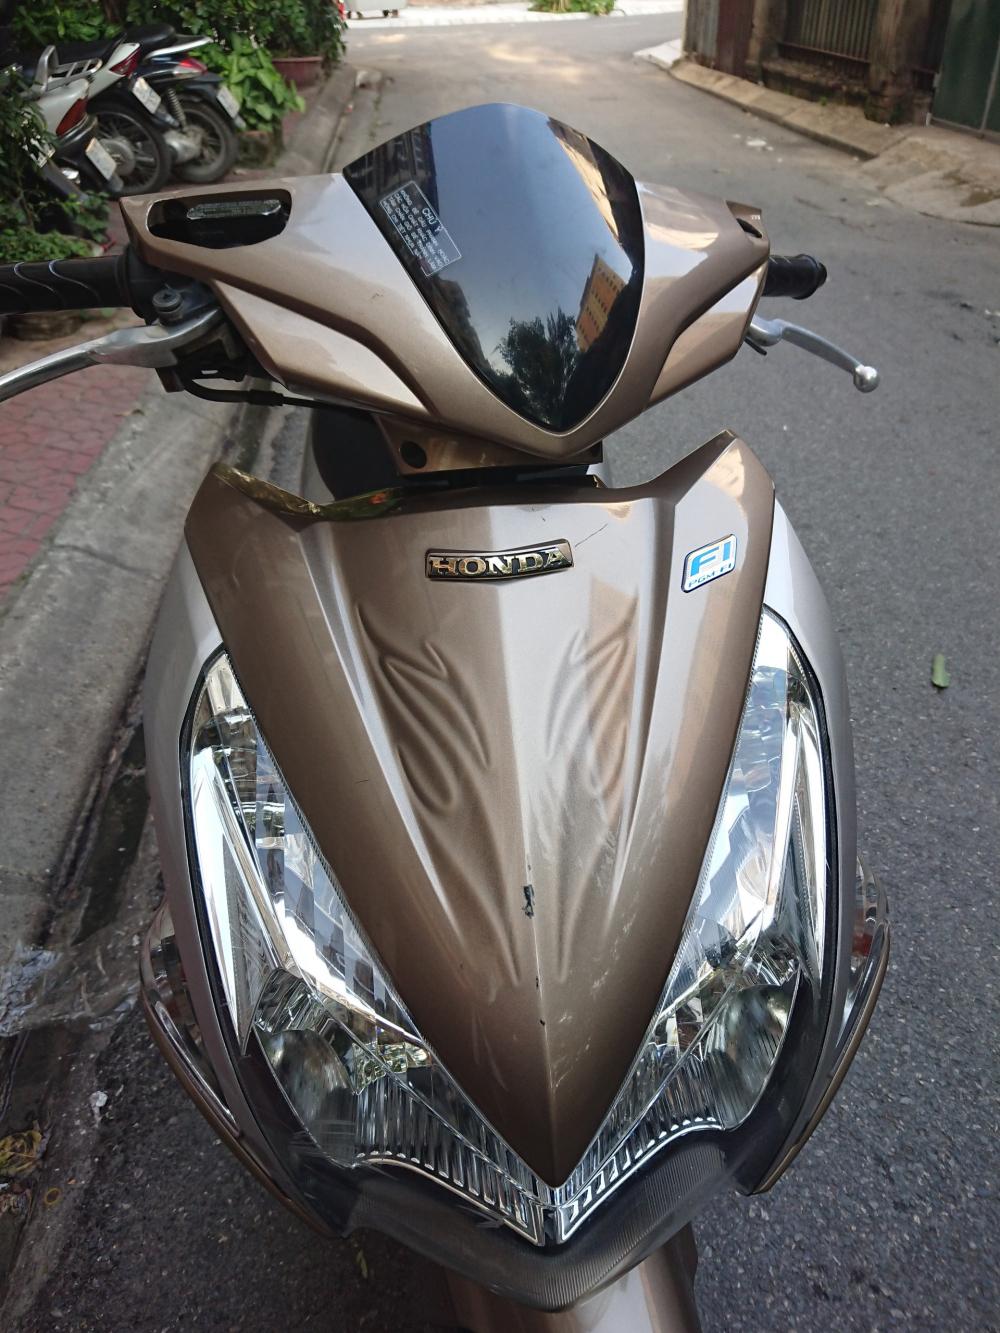 Rao ban Air blade fi 2012 cao cap tu tinh 3D vang dong chinh chu su dung HN - 4